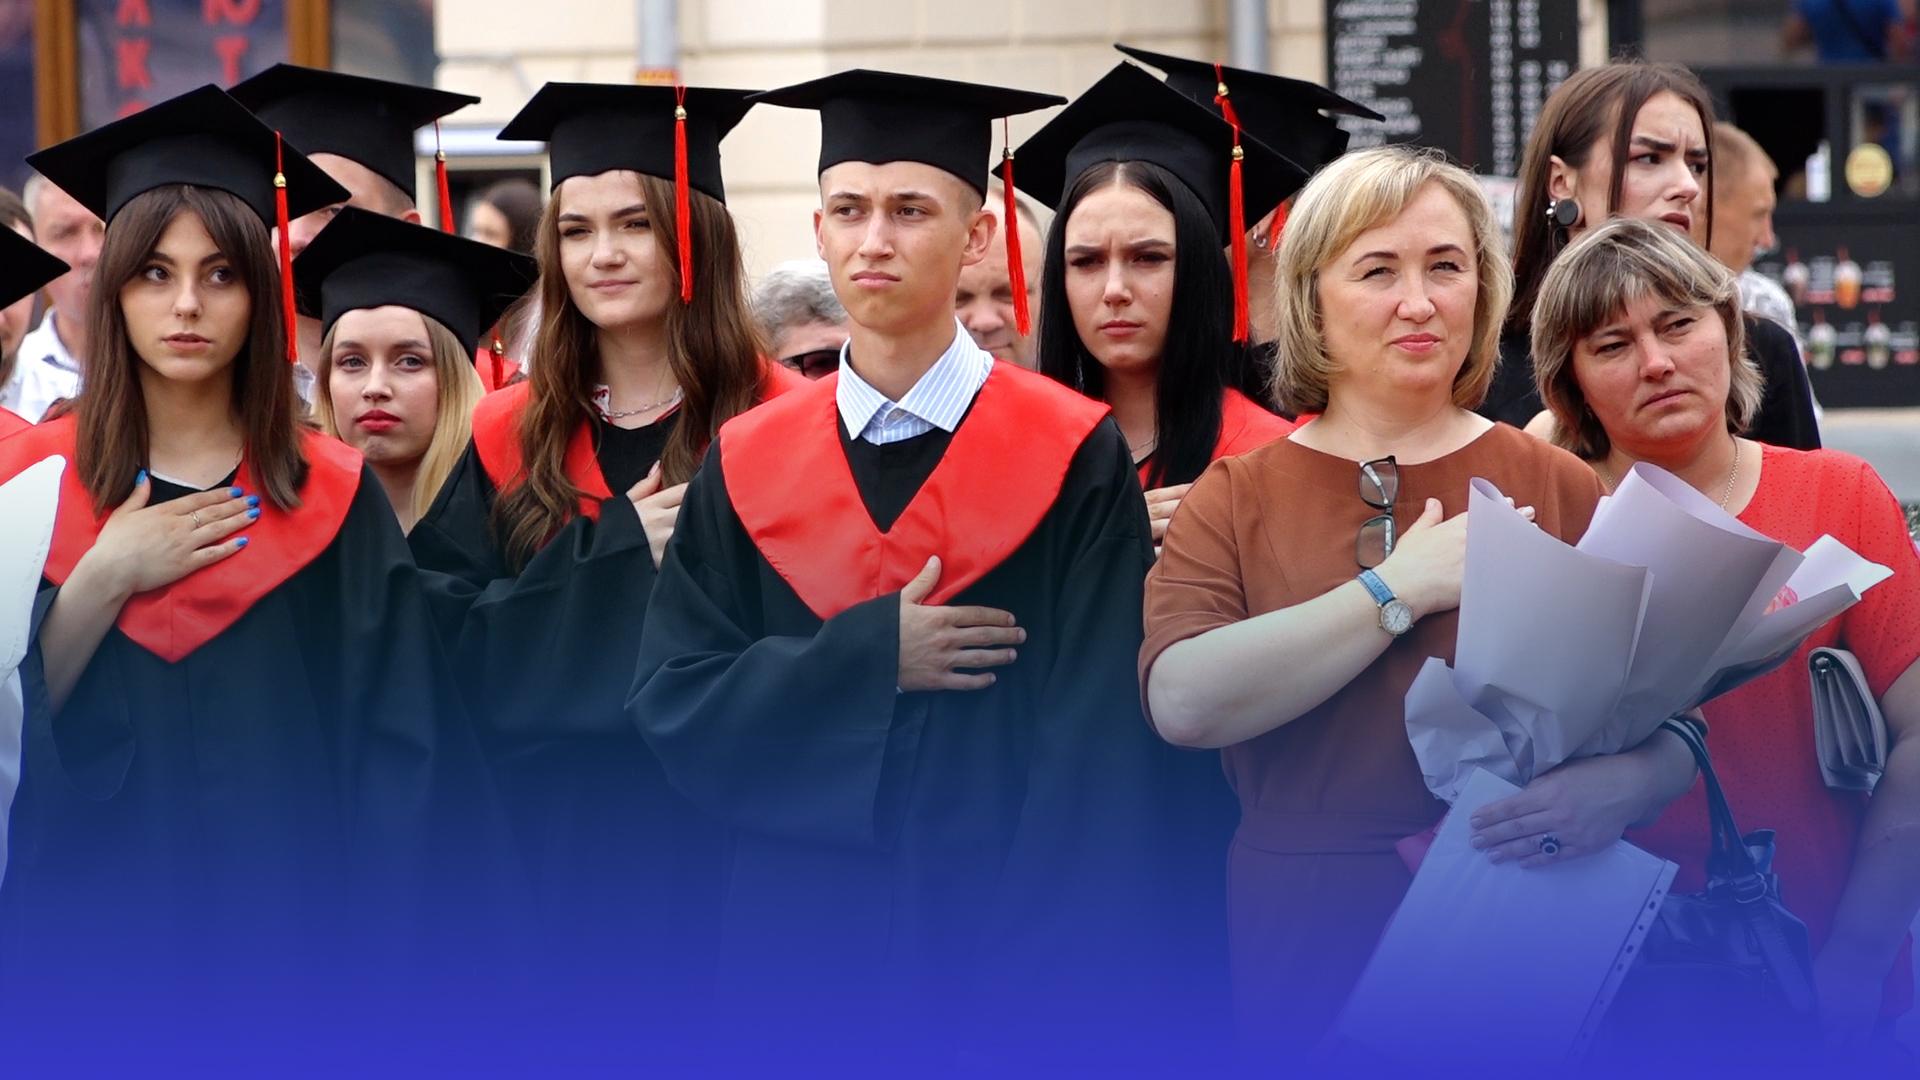 У Галицькому коледжі – випускний: дипломи отримали майбутні  дизайнери, юристи, банкіри та IT-спеціалісти